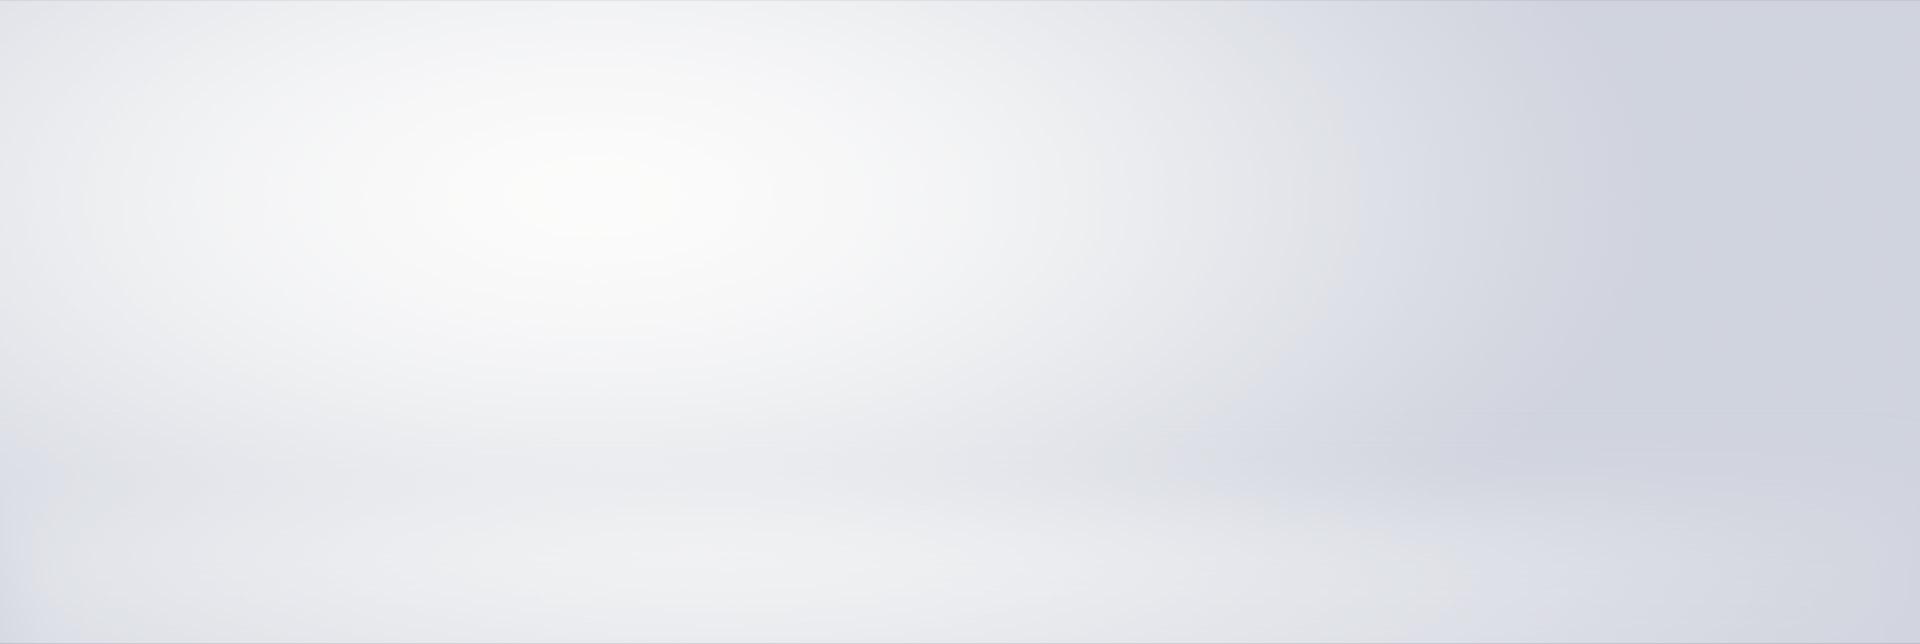 Hush der erste Analplug Vibrator weltweit